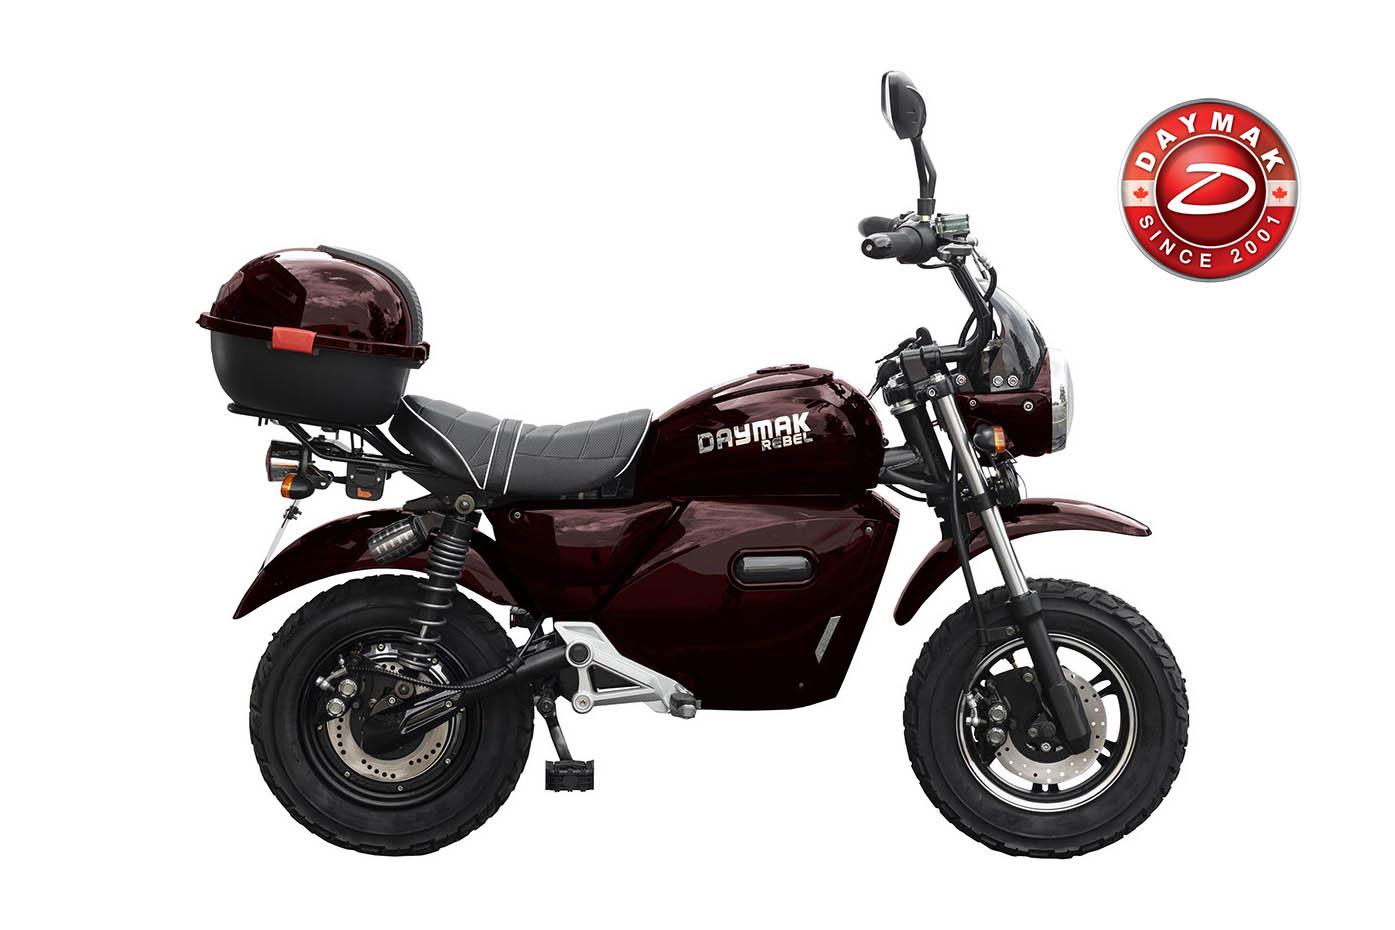 scooter electrique rebel Daymak rouge-logo-daymak